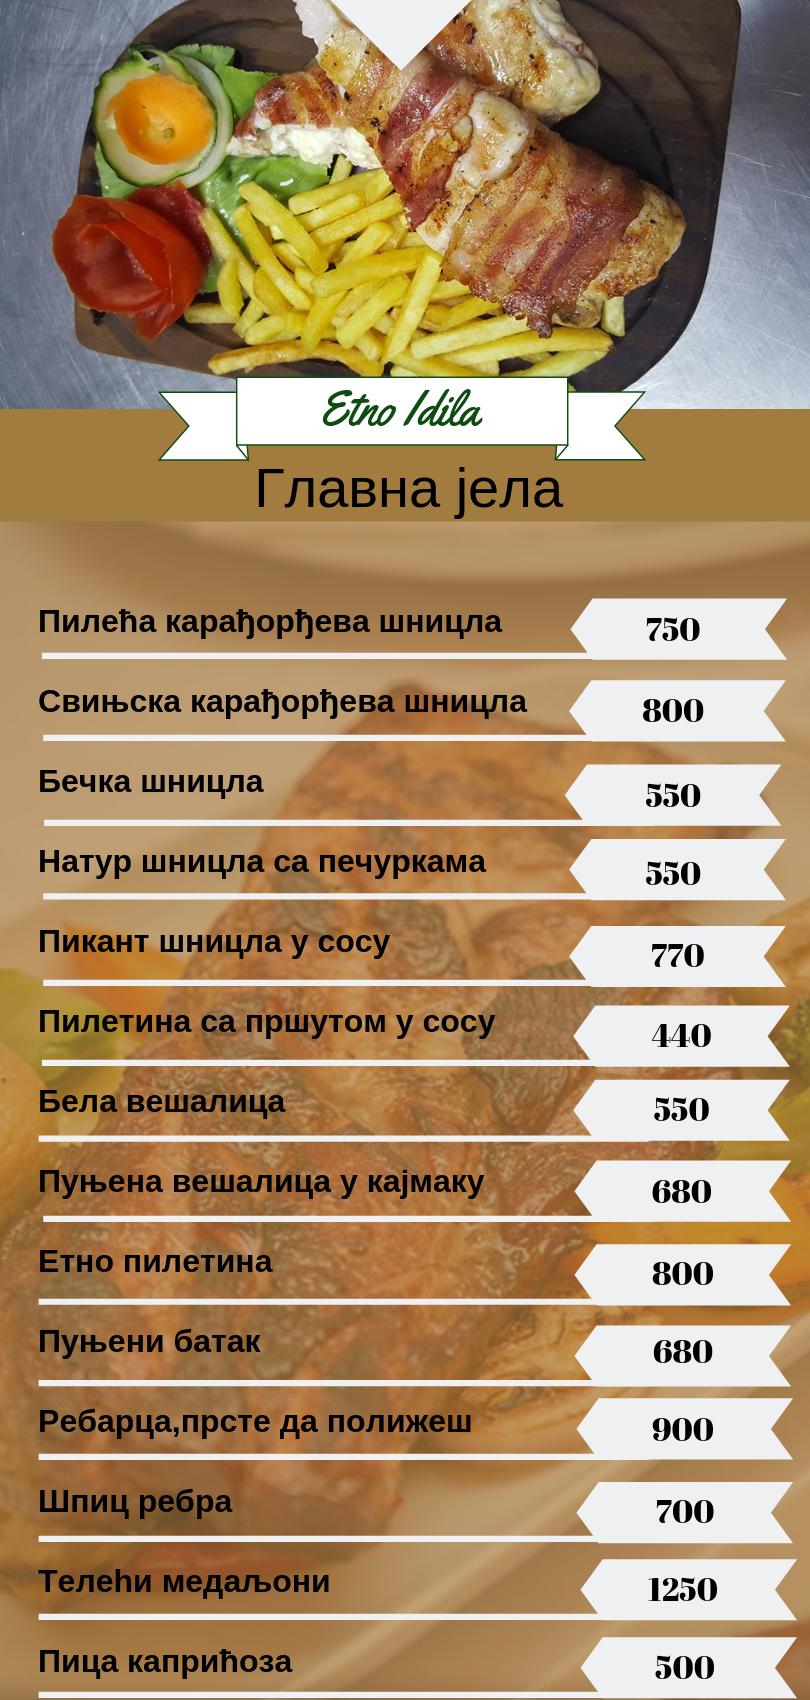 etno idila hrana(1)